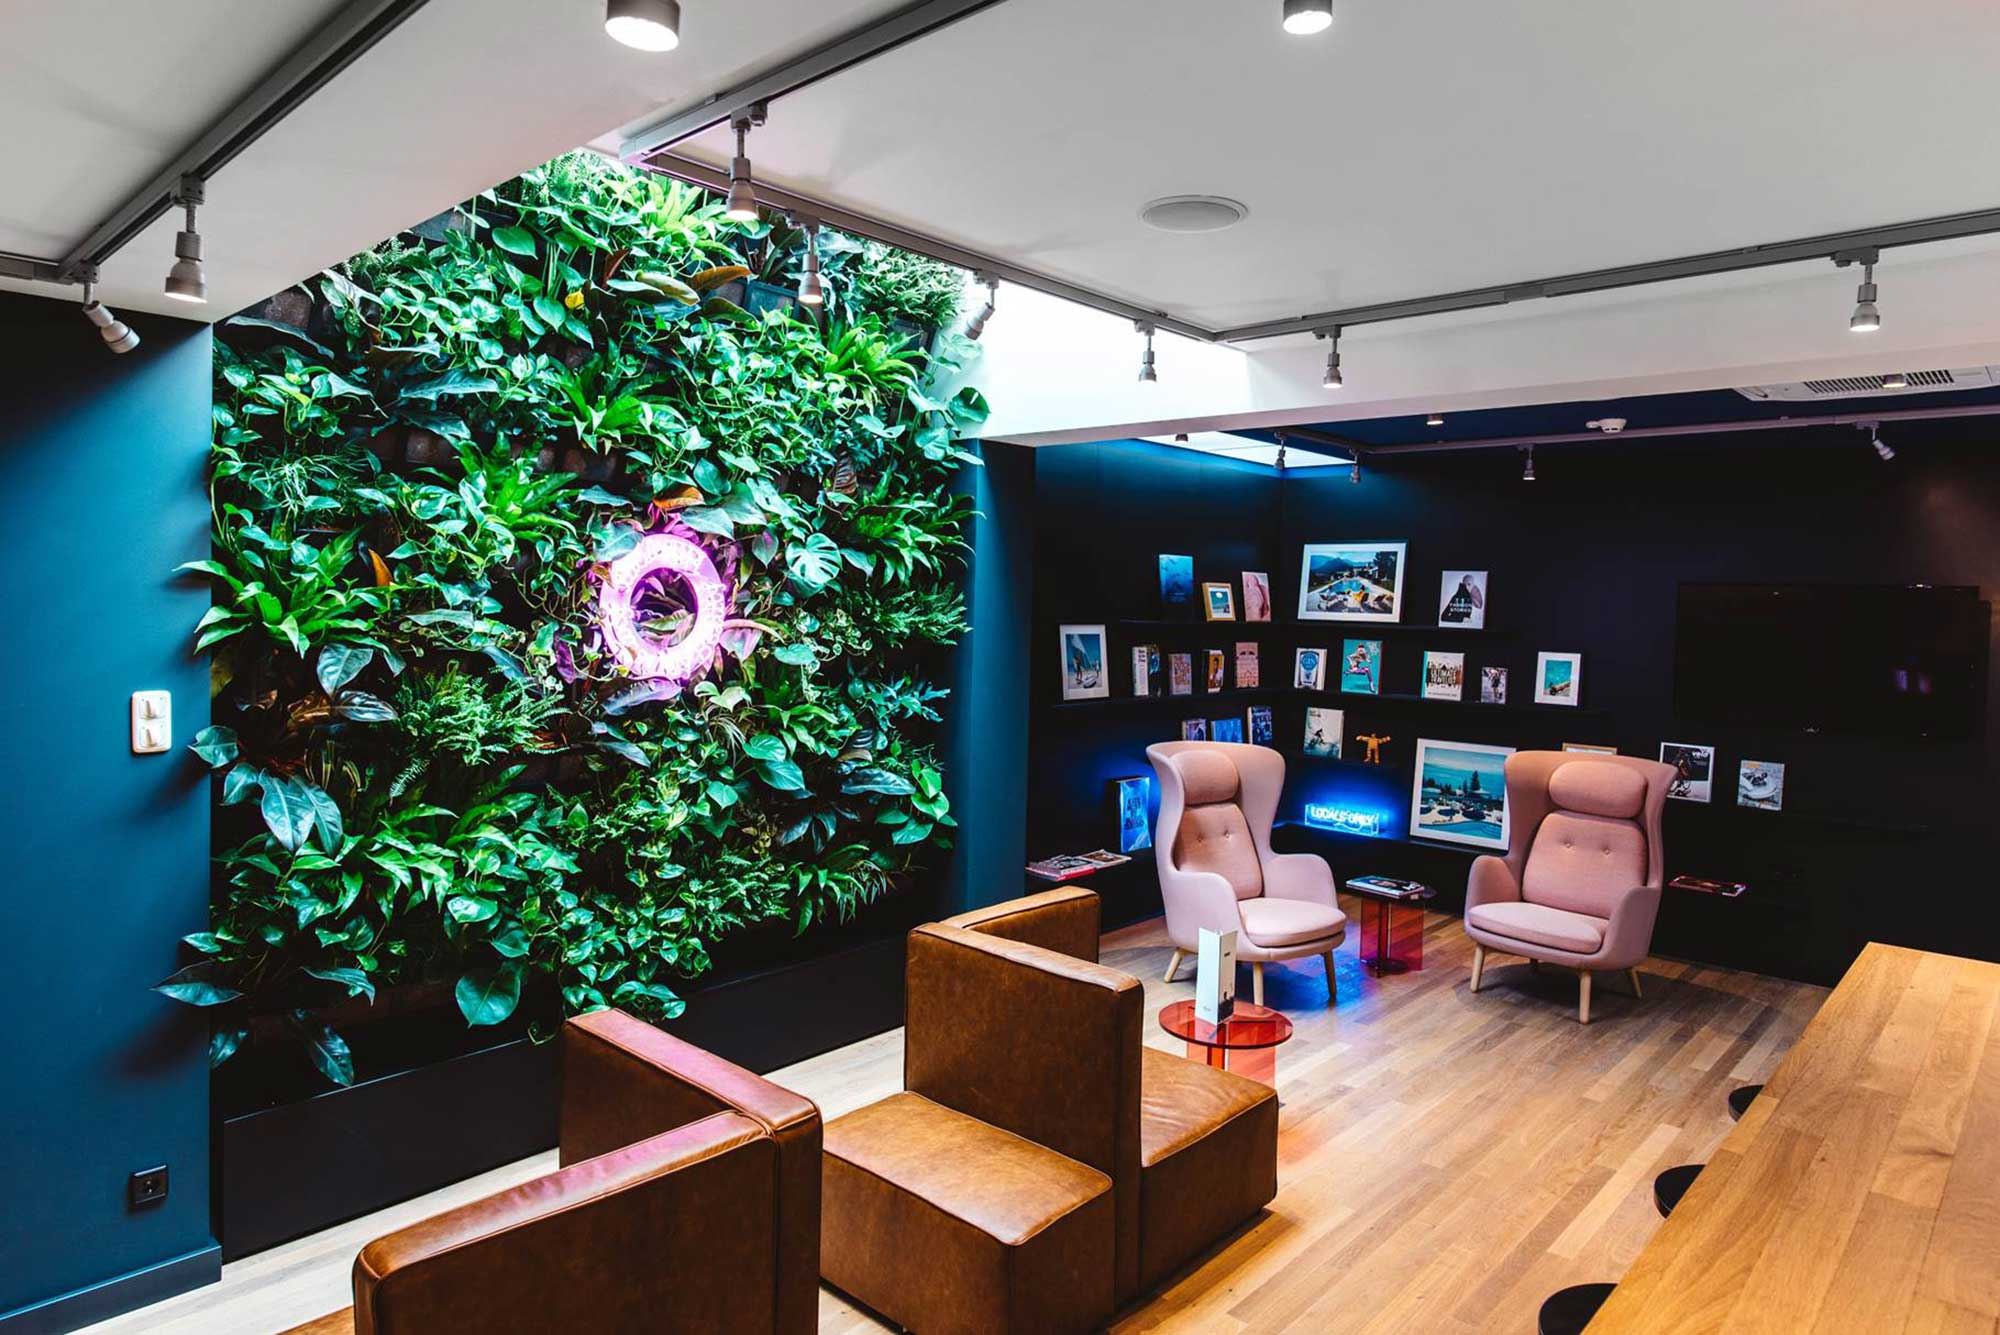 dutch hotel hangout hotspot